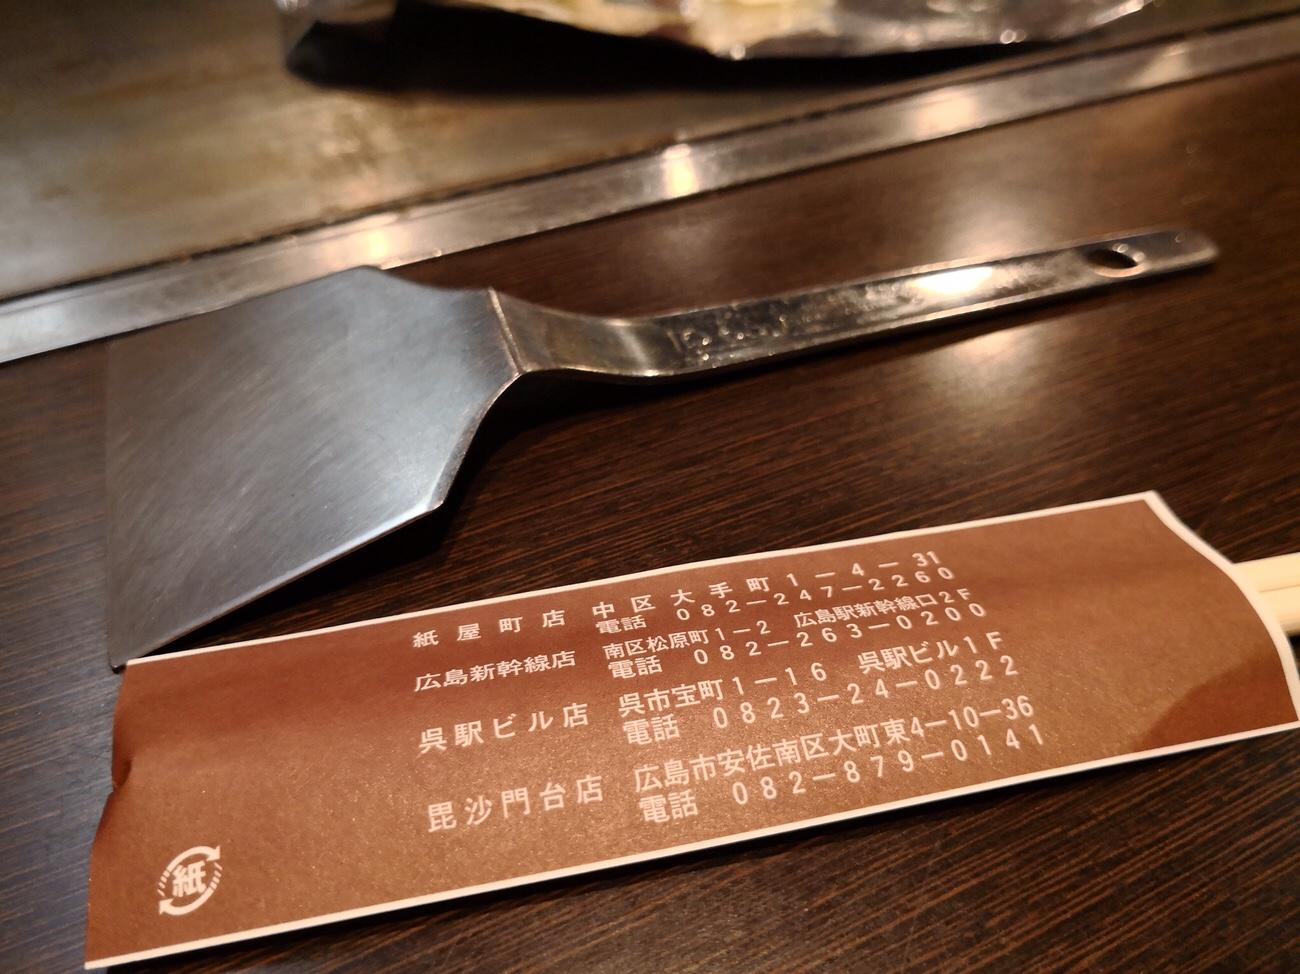 呉市 お好み焼き鉄板が美味しい徳兵衛 呉駅の箸袋